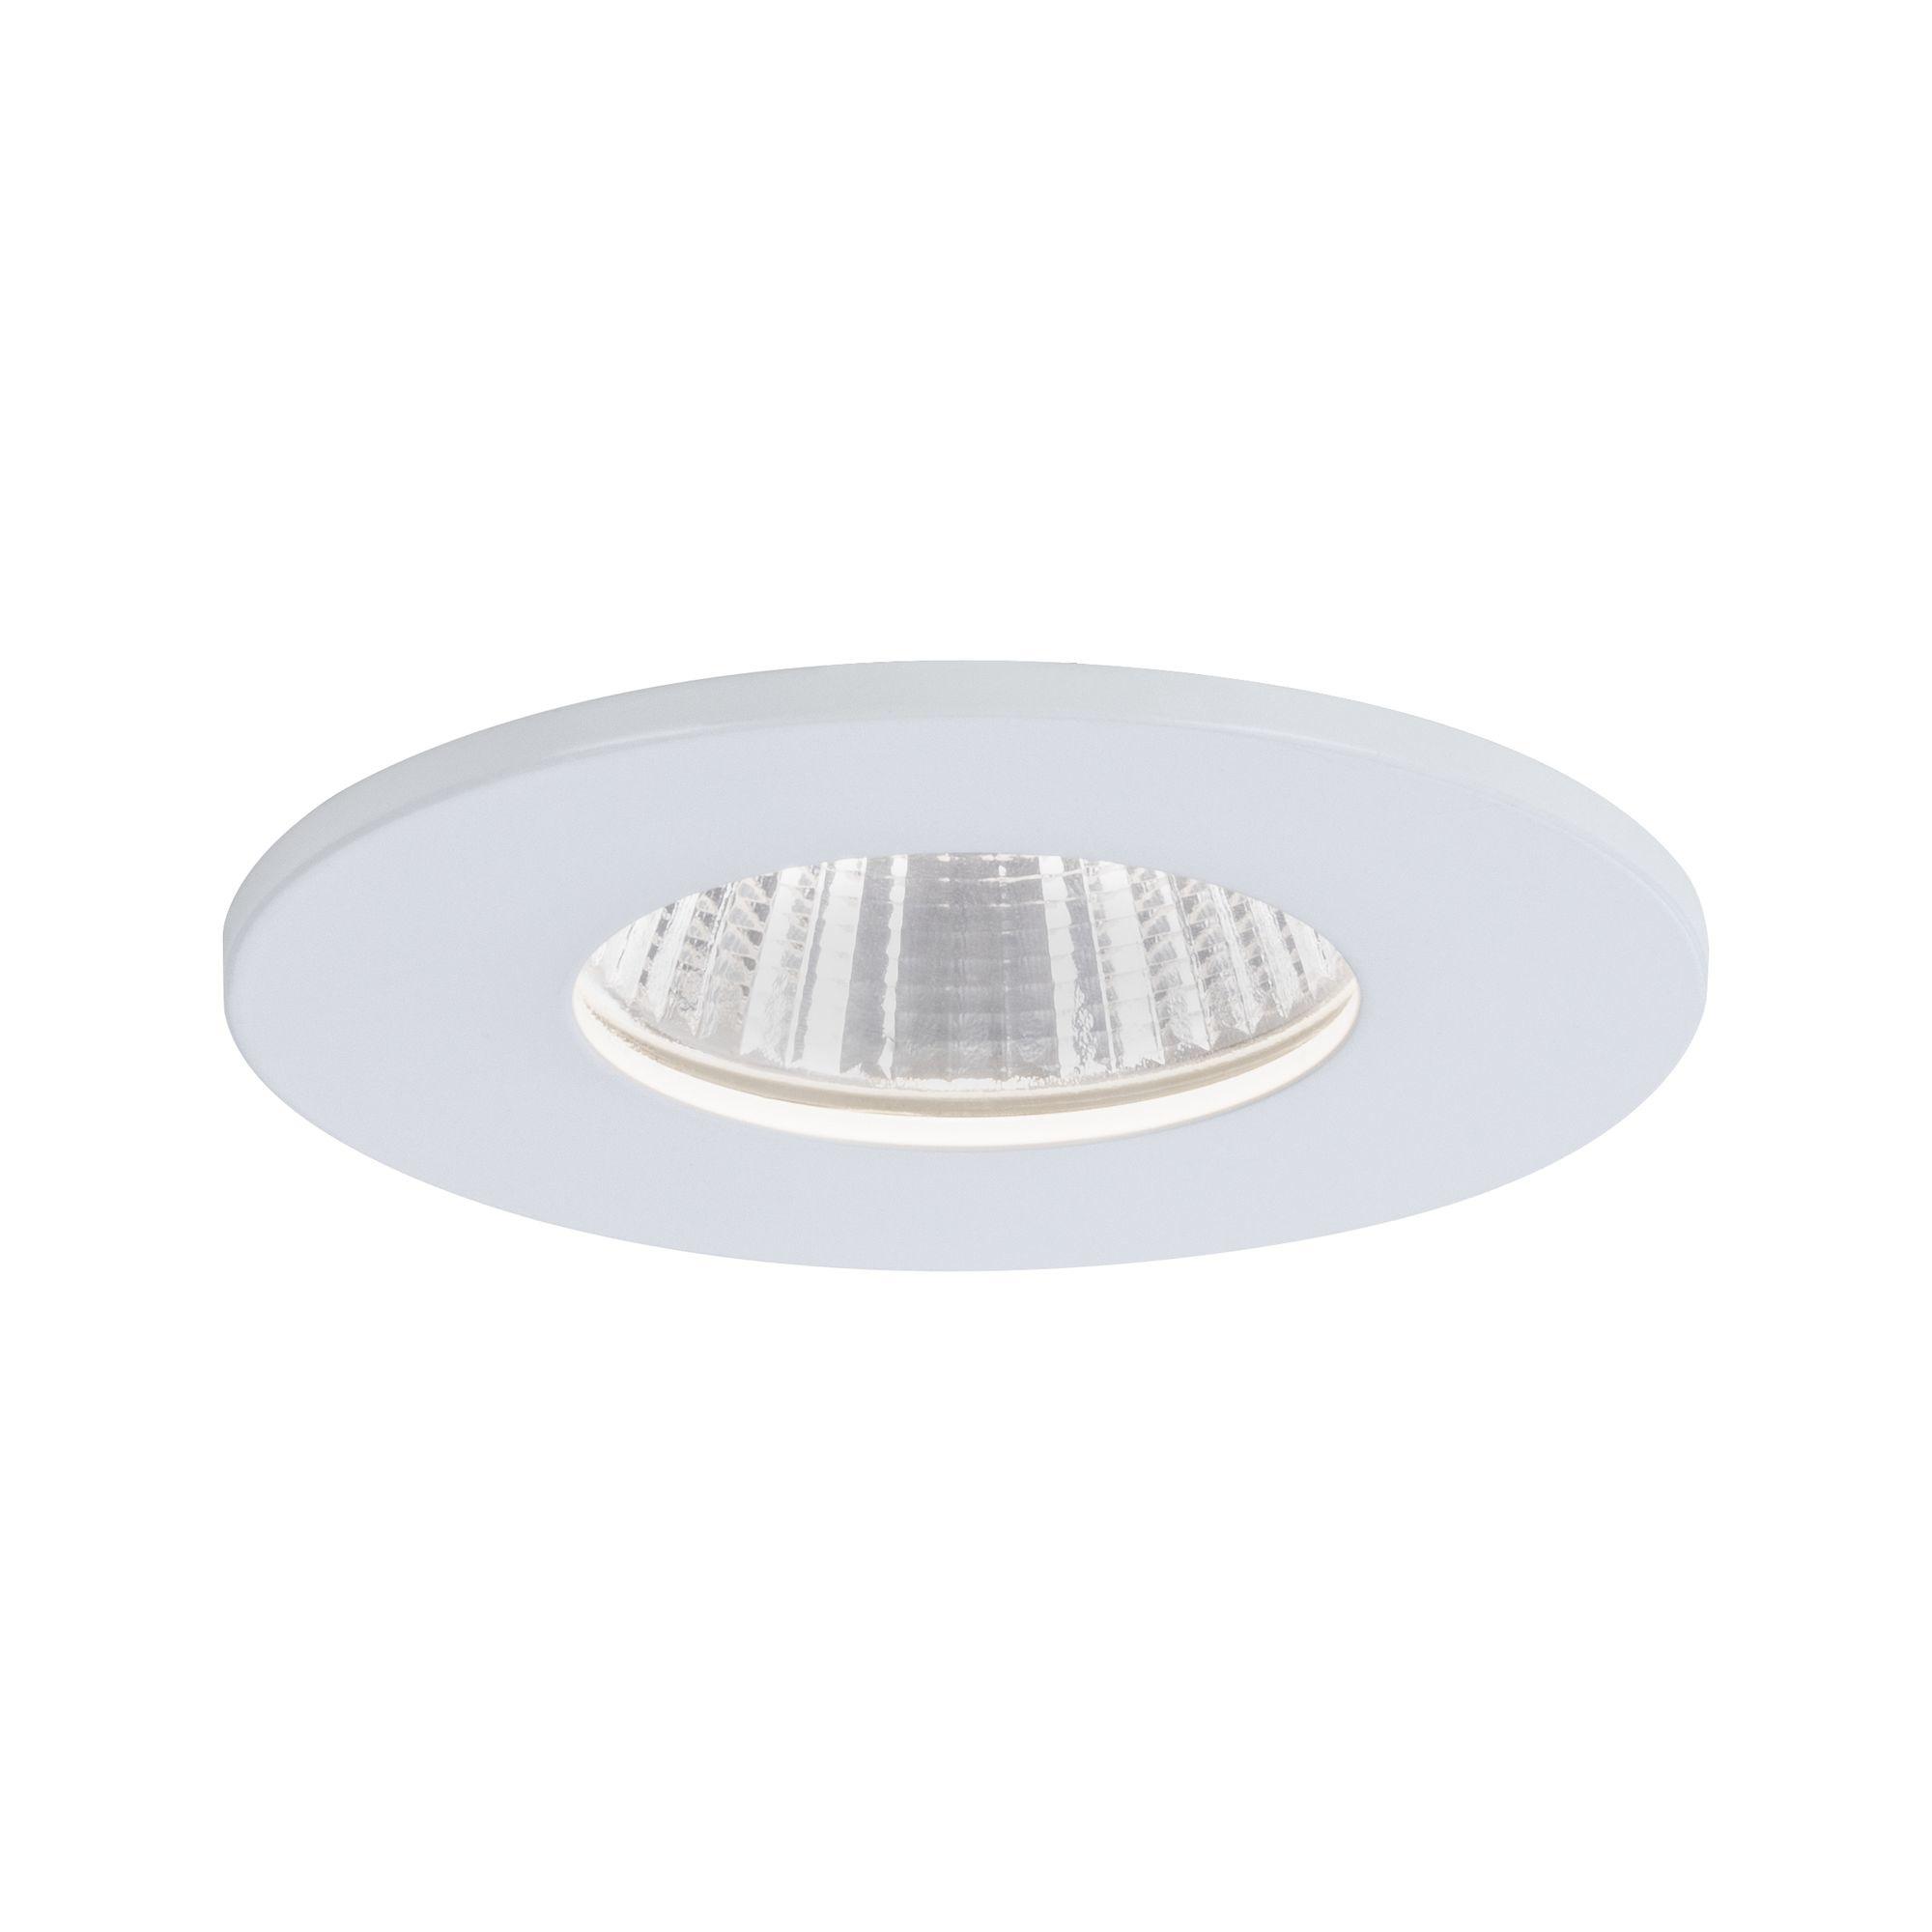 Paulmann EBL Set Calla IP65 rund starr LED 1x 770lm 4000K 7W 230V Weiß matt